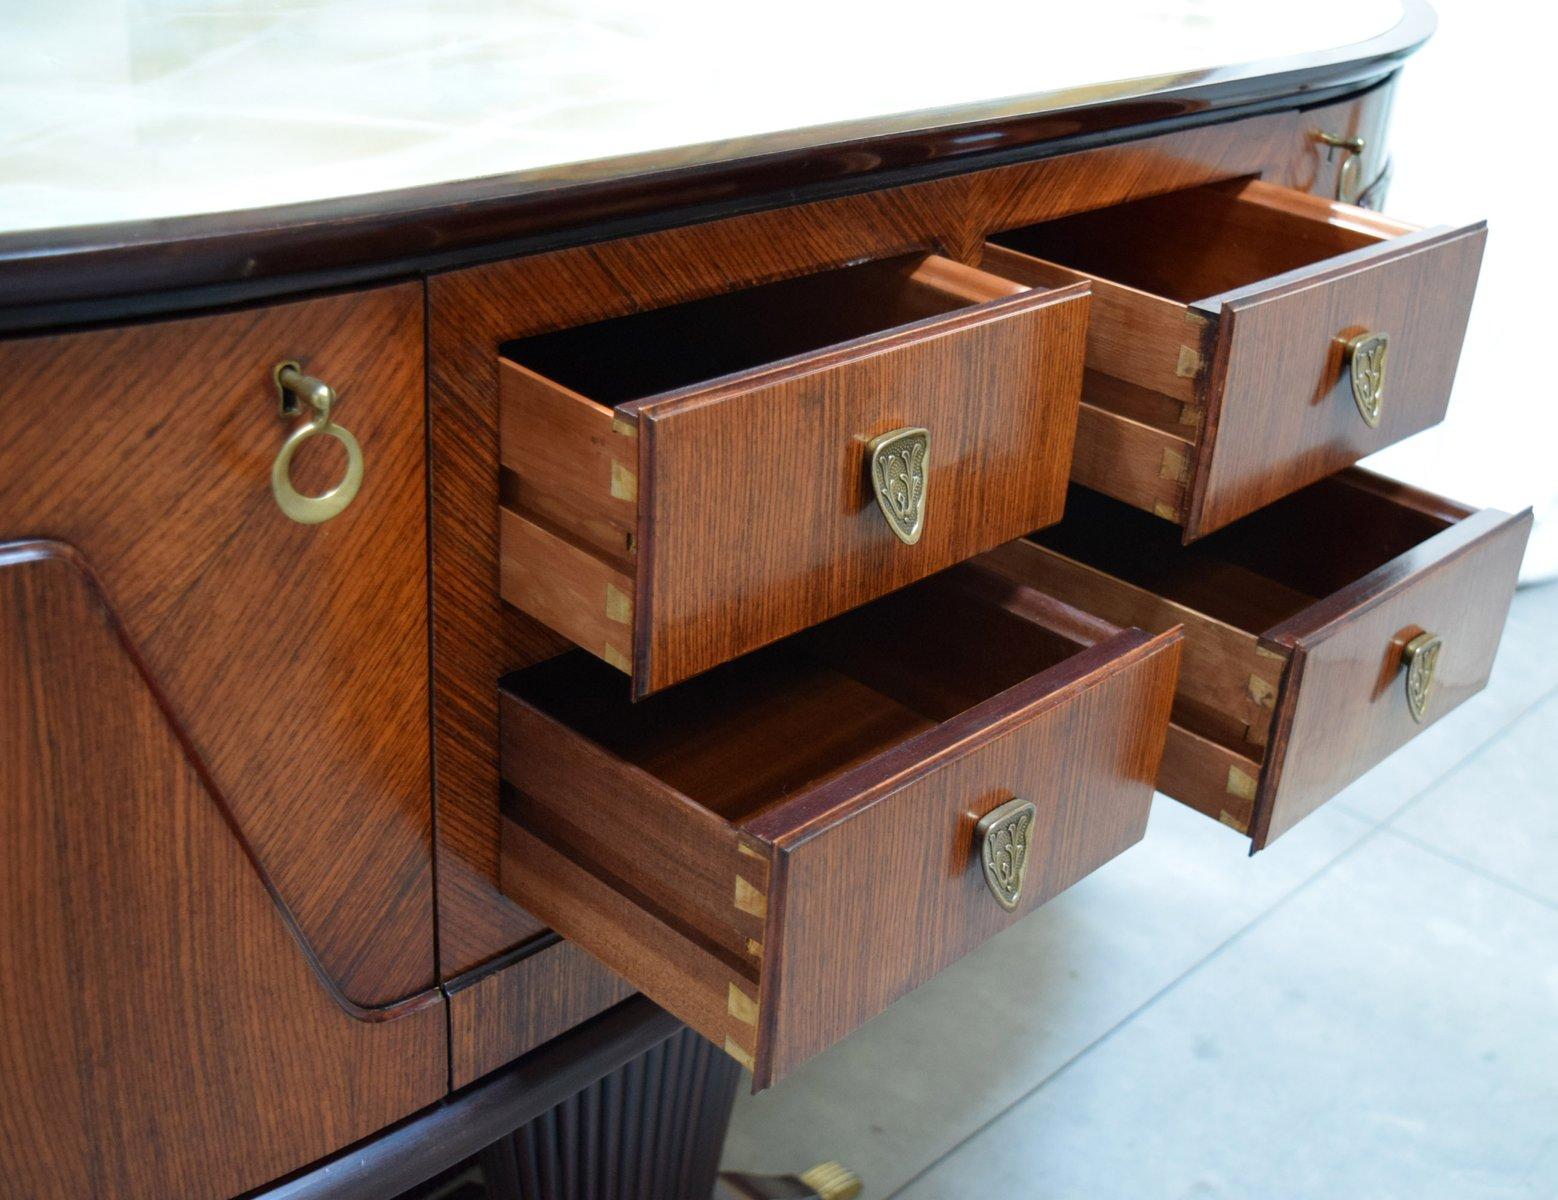 italienischer konsolentisch mit spiegel von rima 1950er. Black Bedroom Furniture Sets. Home Design Ideas